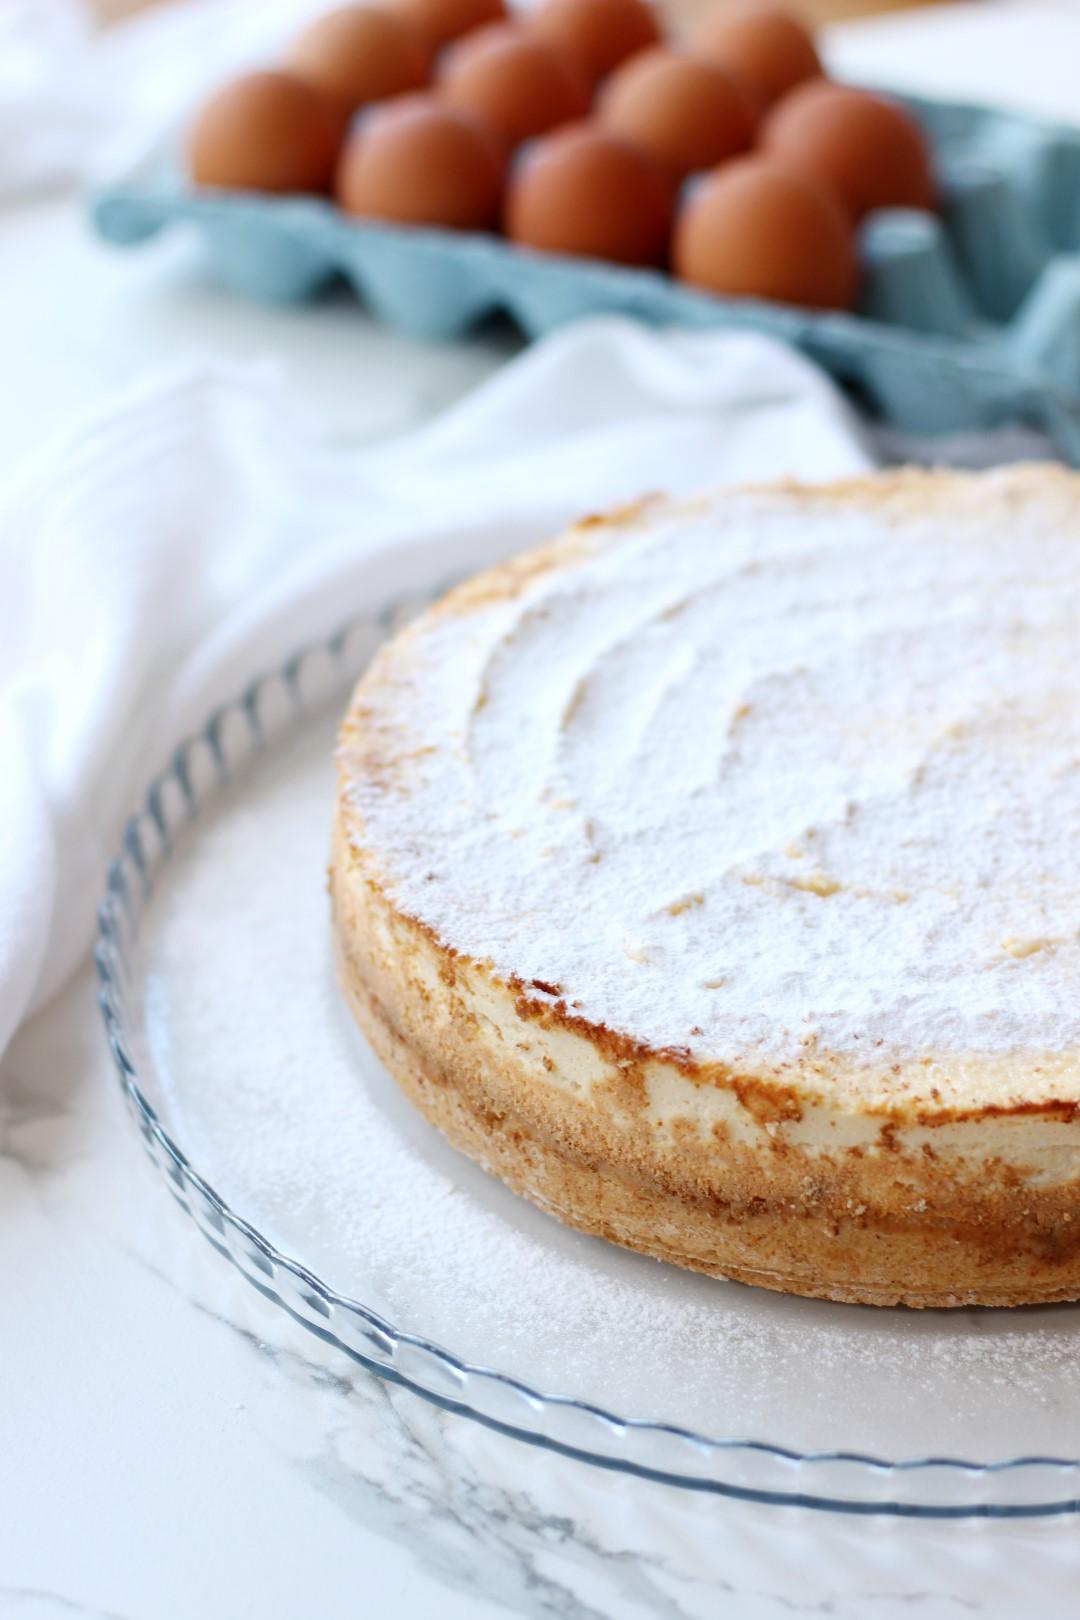 torta cheesecake de queso ricotta, receta de cocina fácil.